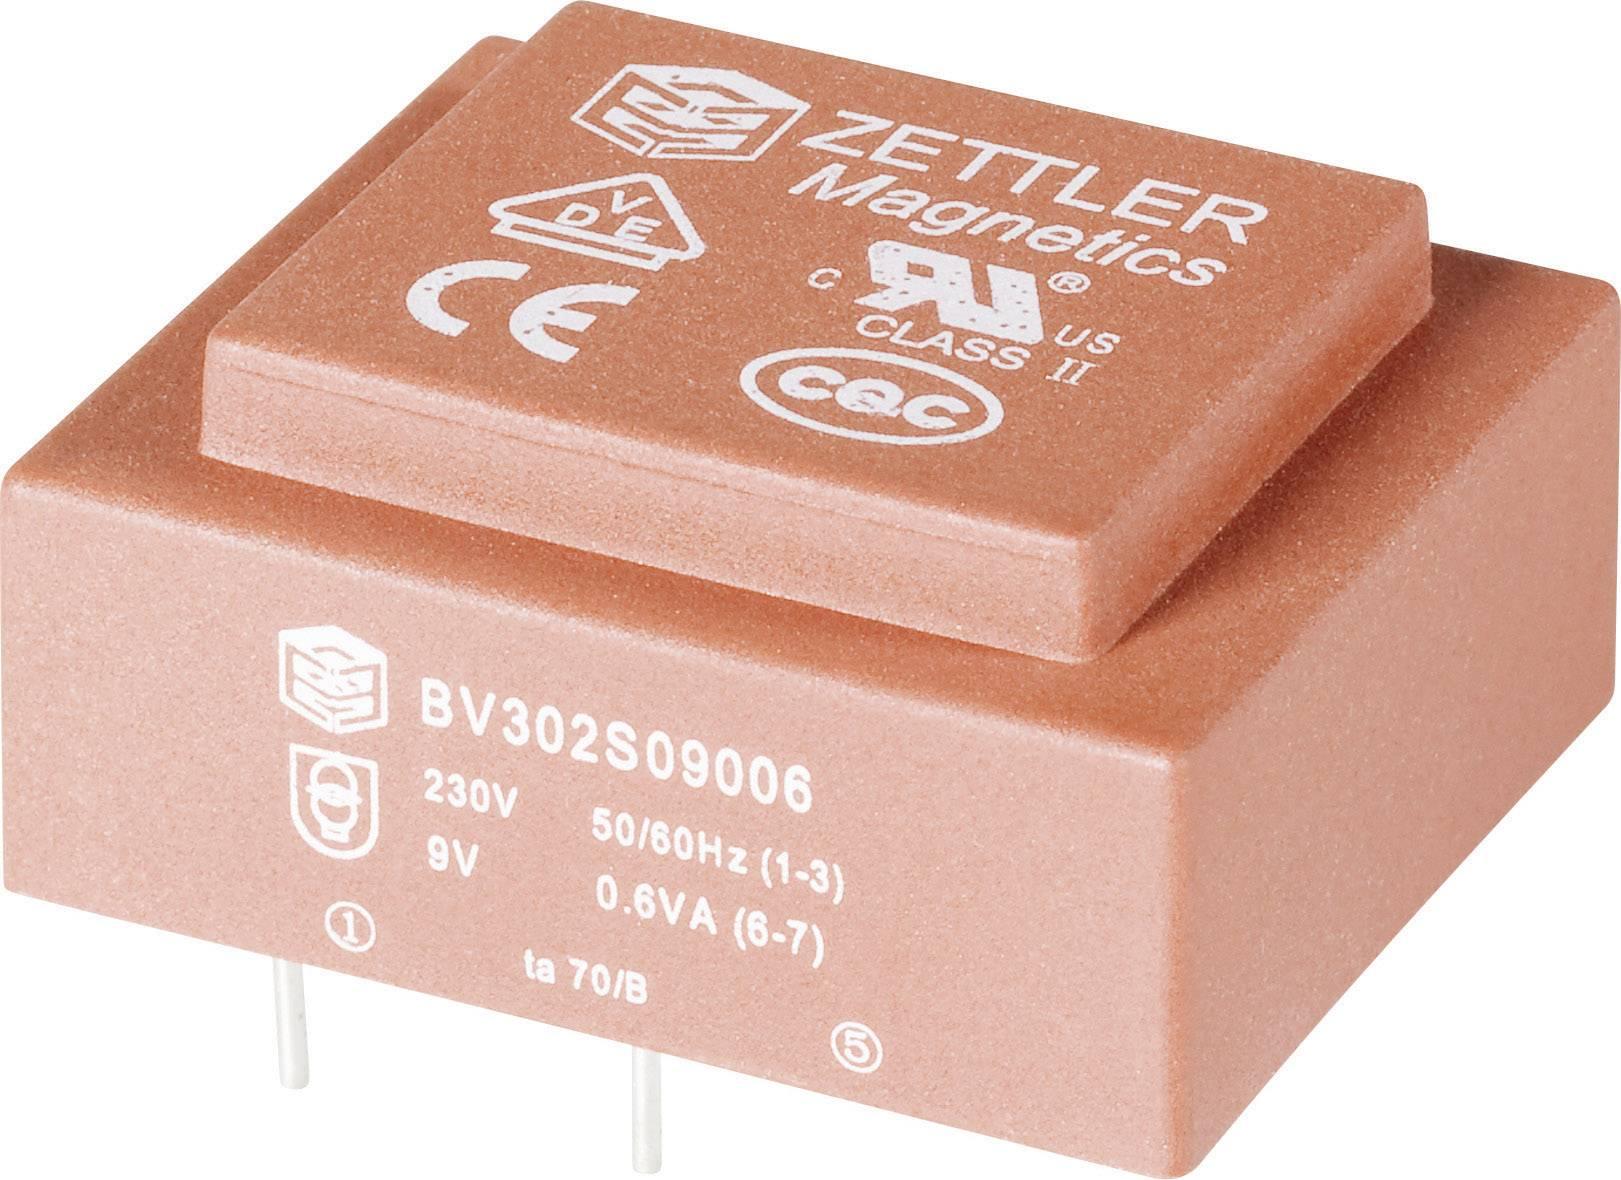 Transformátor do DPS Zettler Magnetics BV302D18010, 1 VA